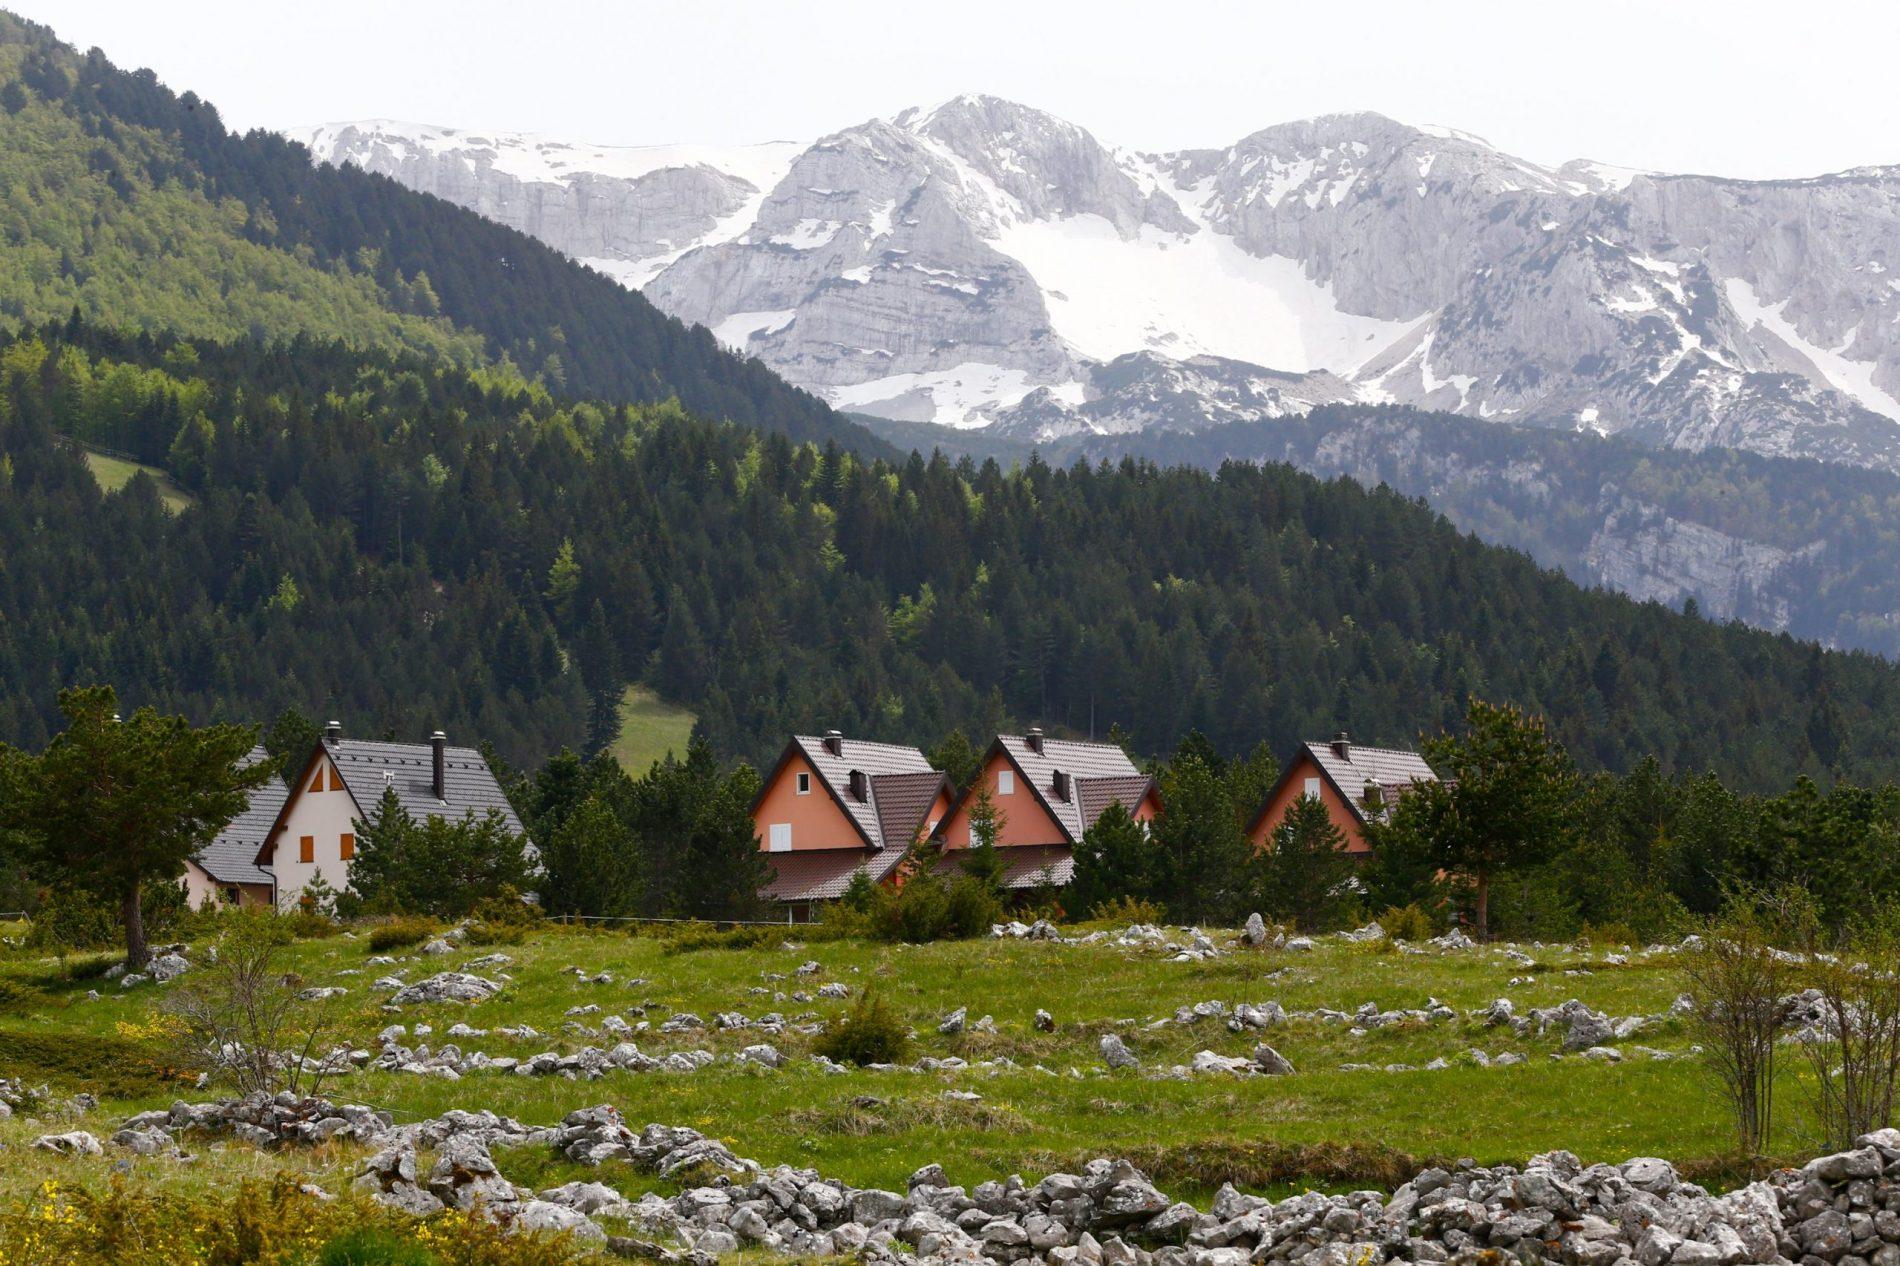 Park prirode Blidinje posebno uljepšava najveće planinsko jezero u zemlji te nekropola stećaka